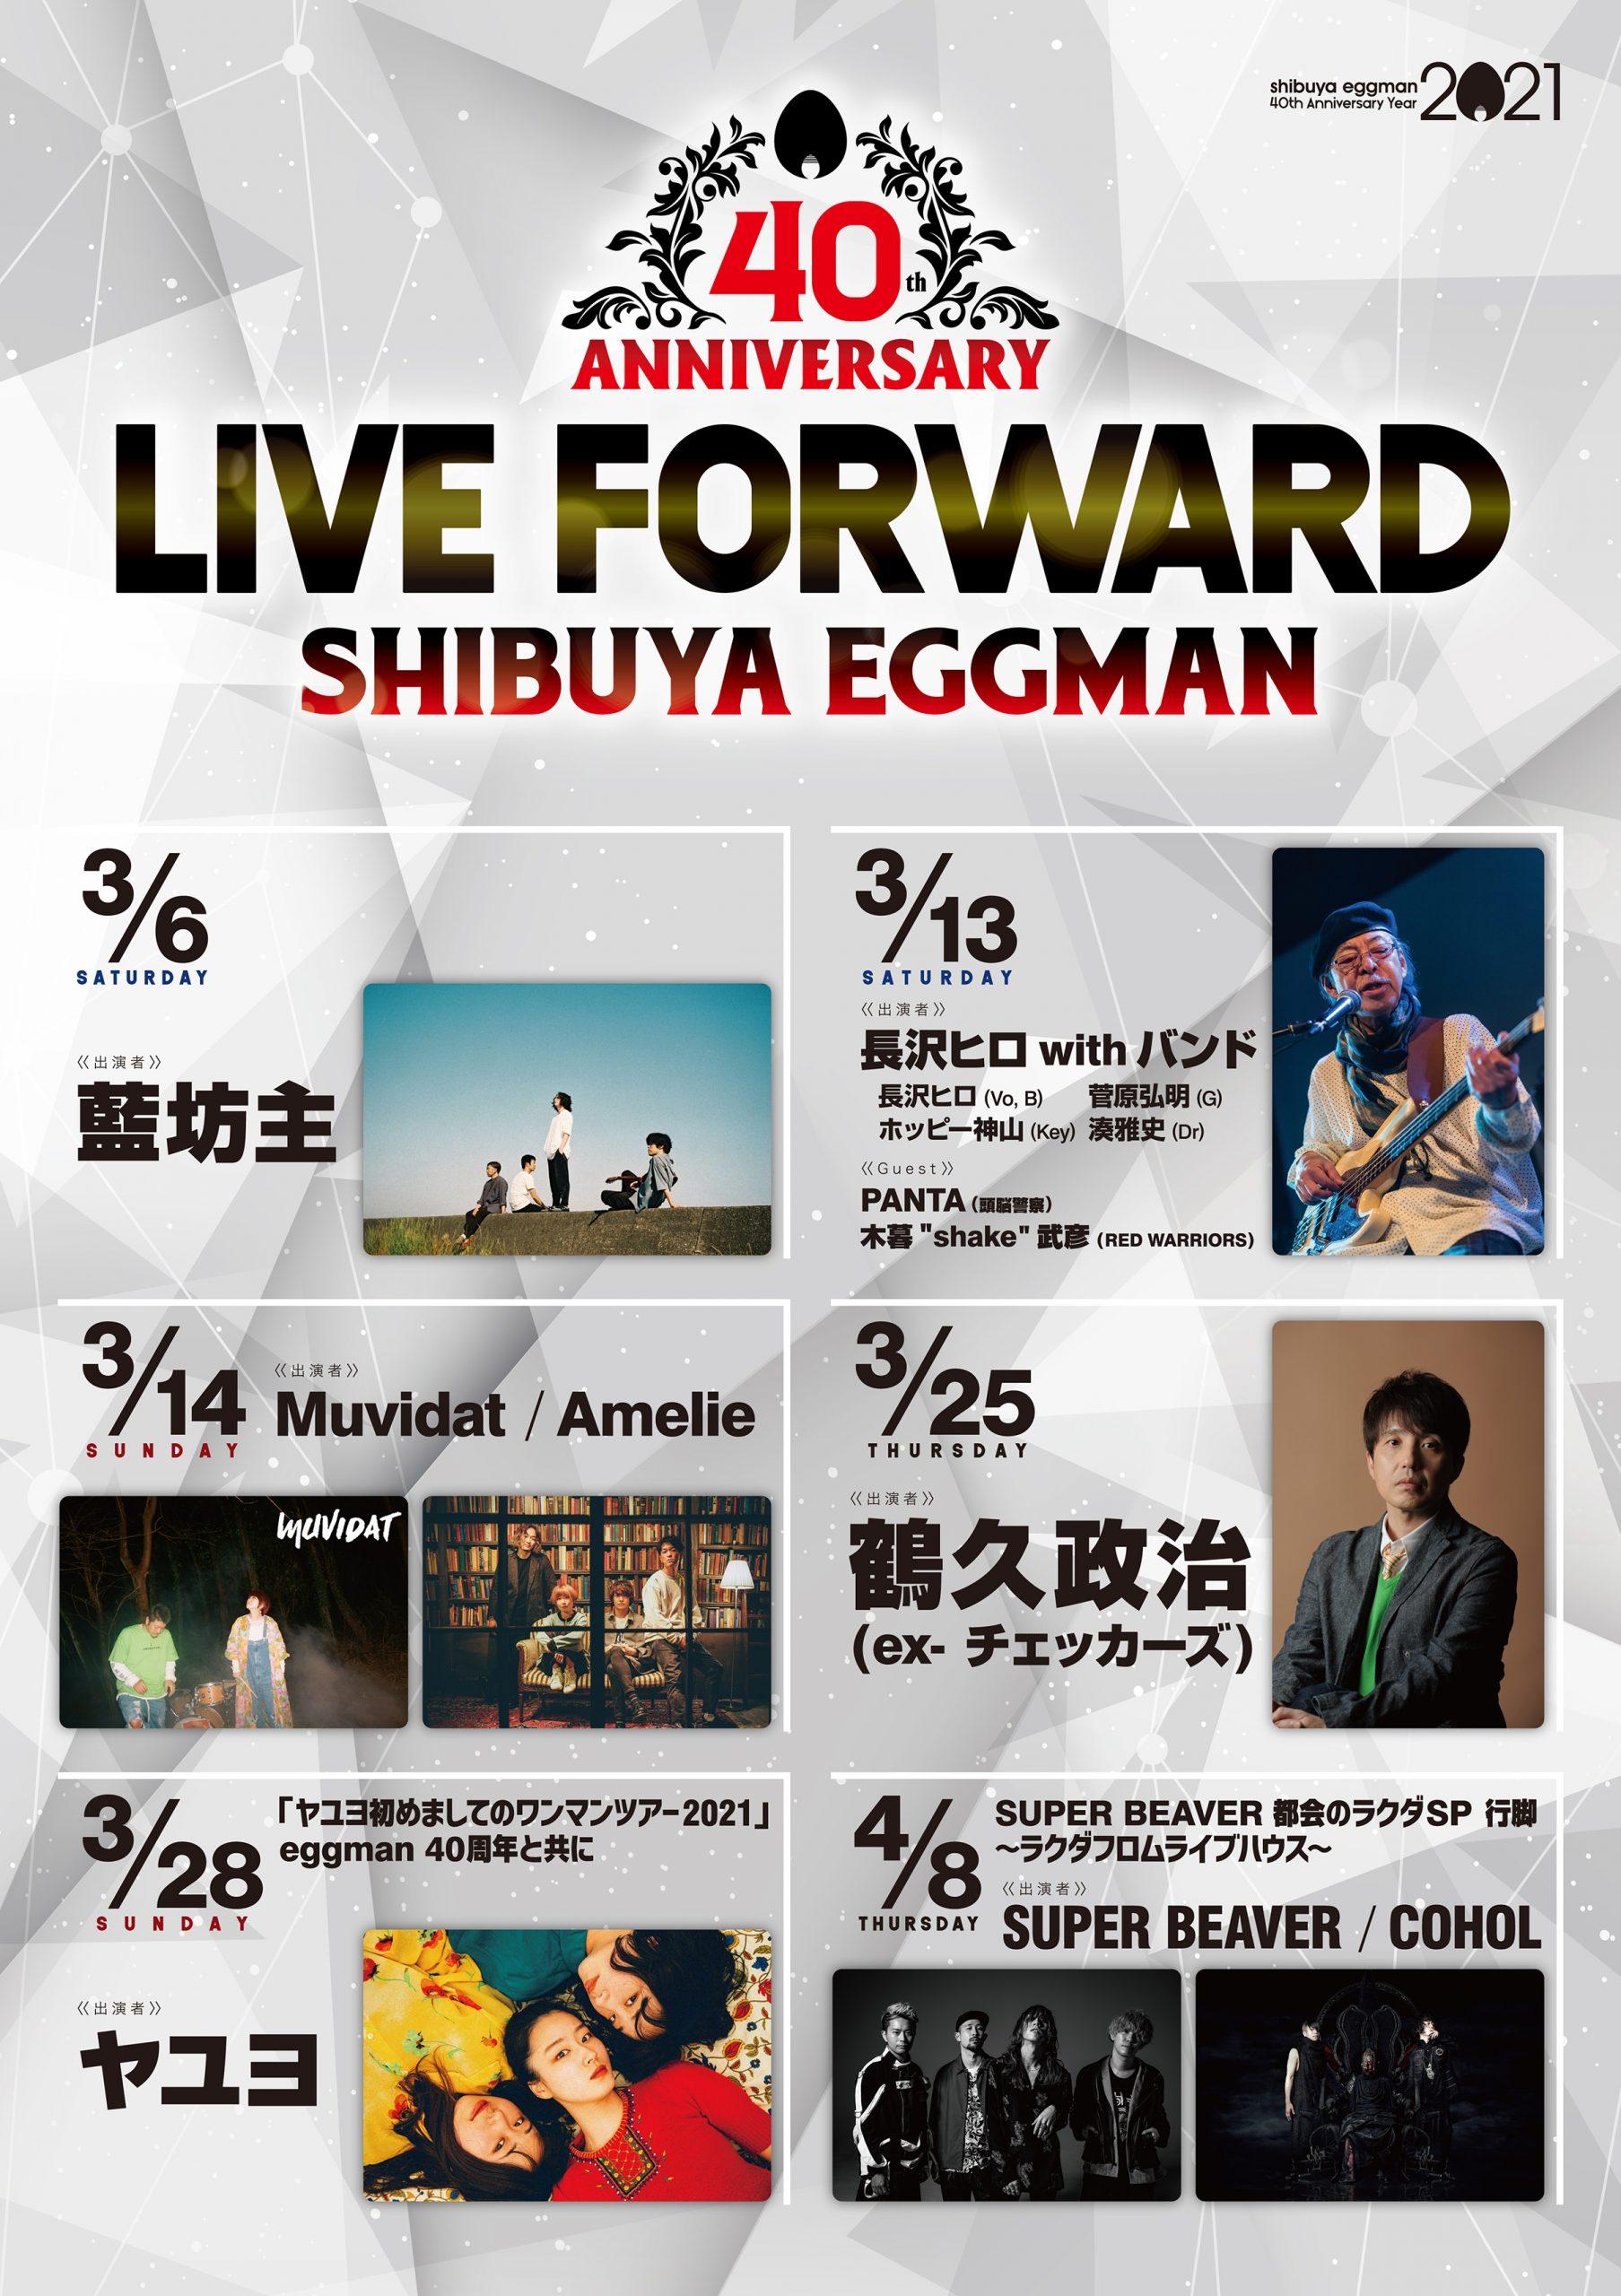 「LIVE FORWARD – shibuya eggman 40th. anniversary -」SUPER BEAVER 都会のラクダSP 行脚 〜ラクダフロムライブハウス〜